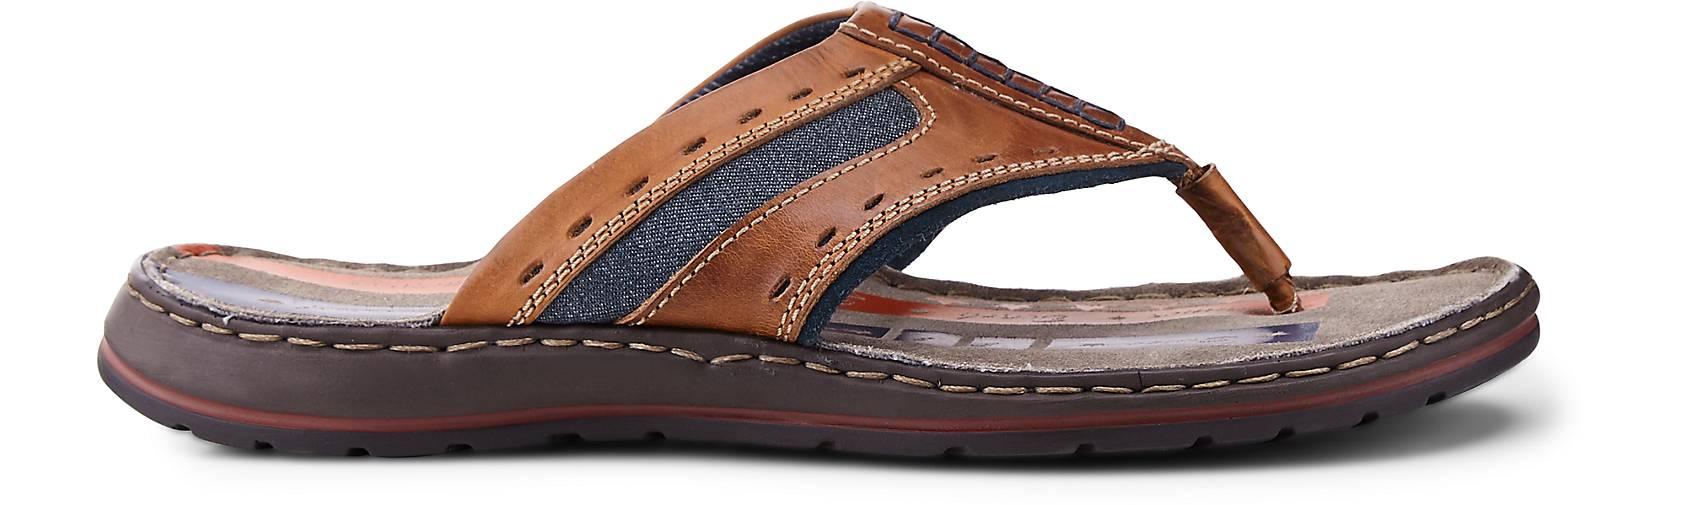 Drievholt Zehensandale in braun-mittel braun-mittel braun-mittel kaufen - 47260701 GÖRTZ Gute Qualität beliebte Schuhe d8bfc9